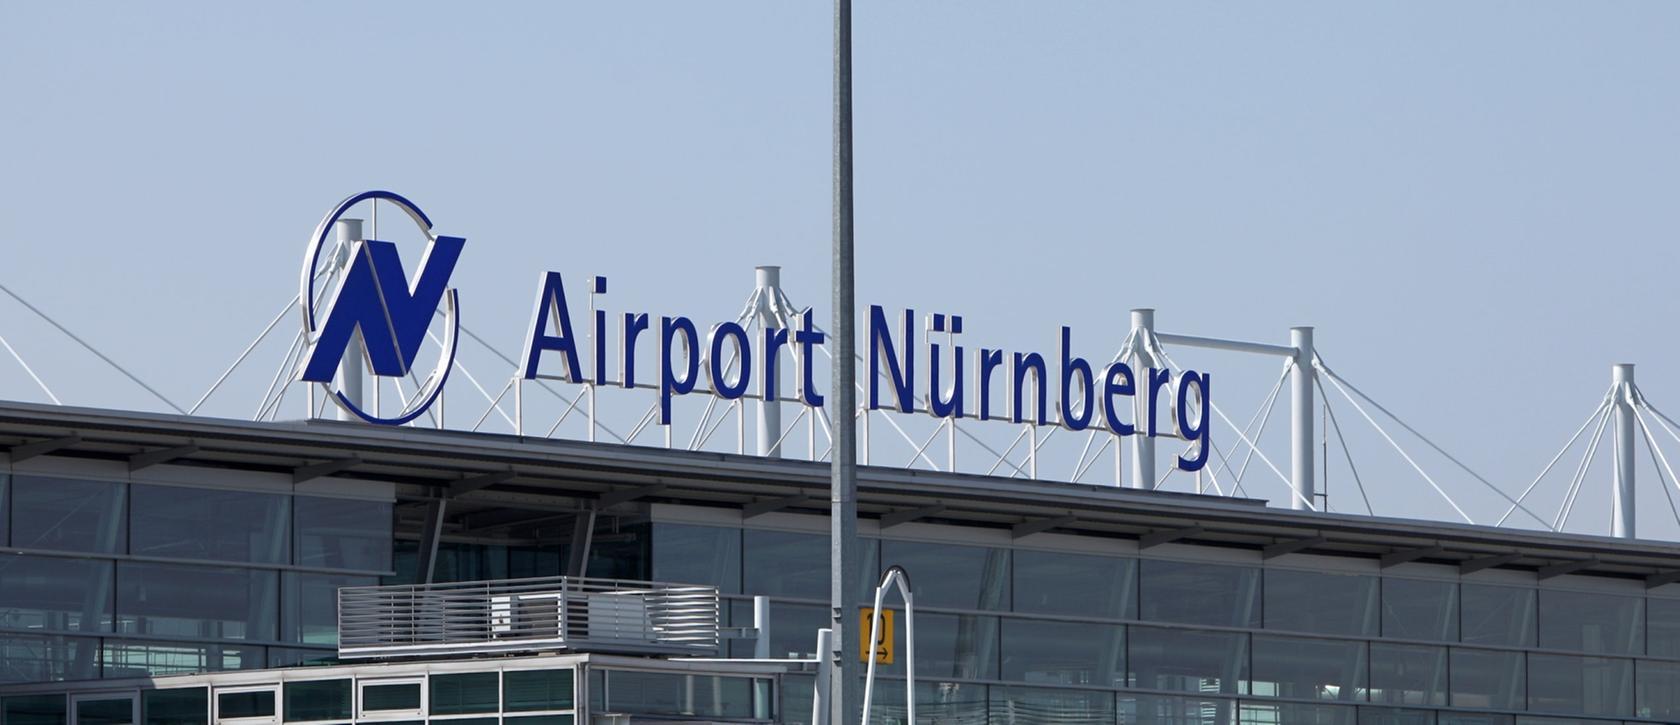 Noch immer ist nicht geklärt, was am Nürnberger Flughafen in die Luft gelangte.